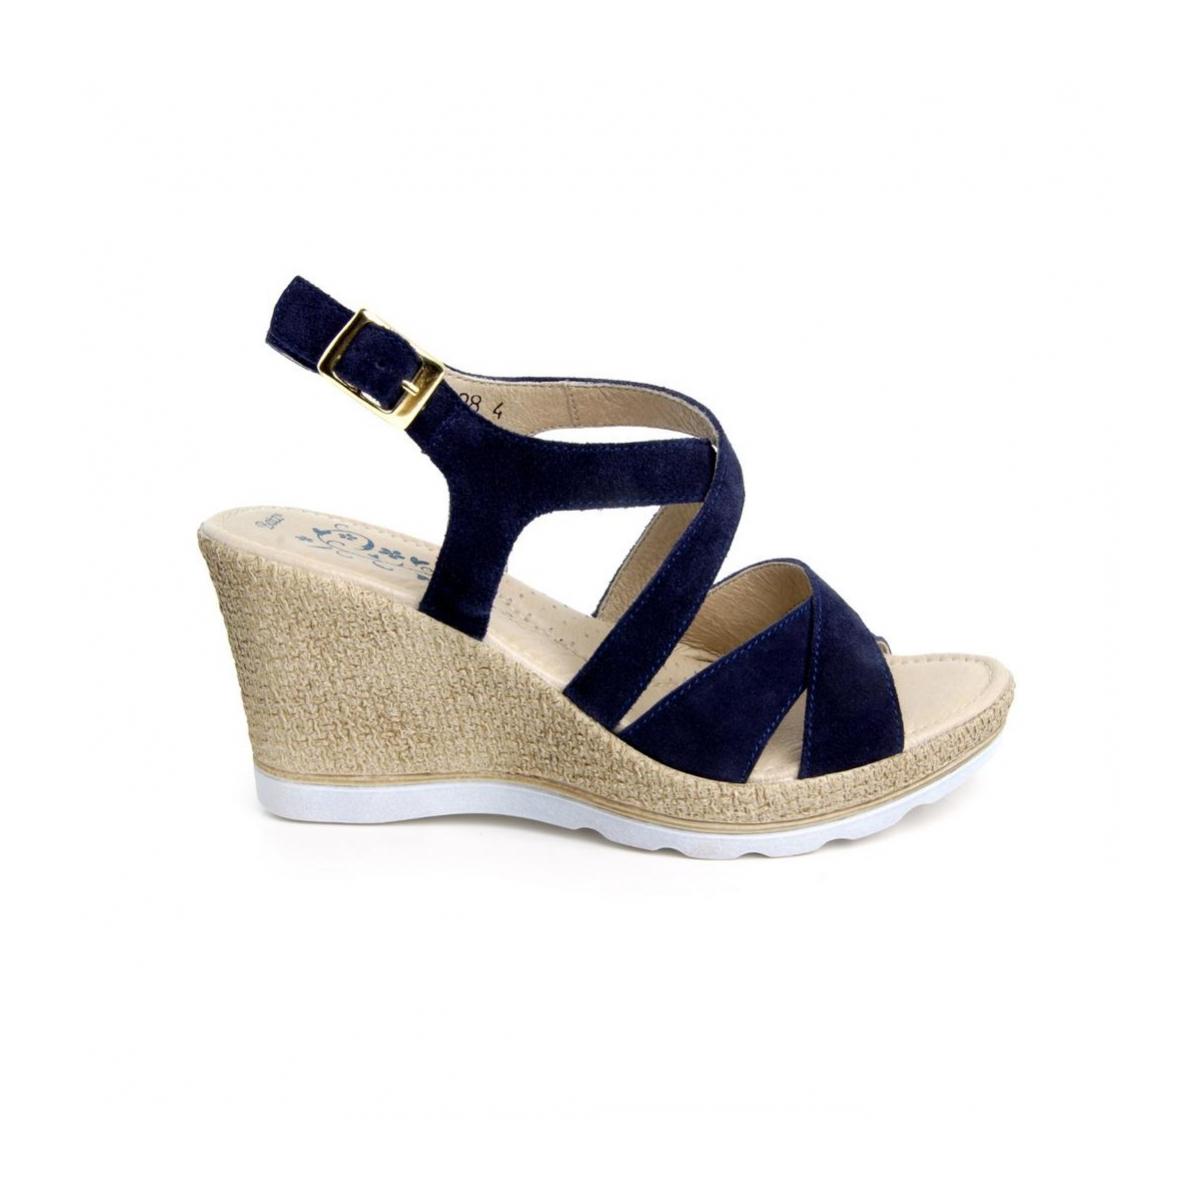 83ac6618e4 Dámske kožené modré sandále LUCIA - 4